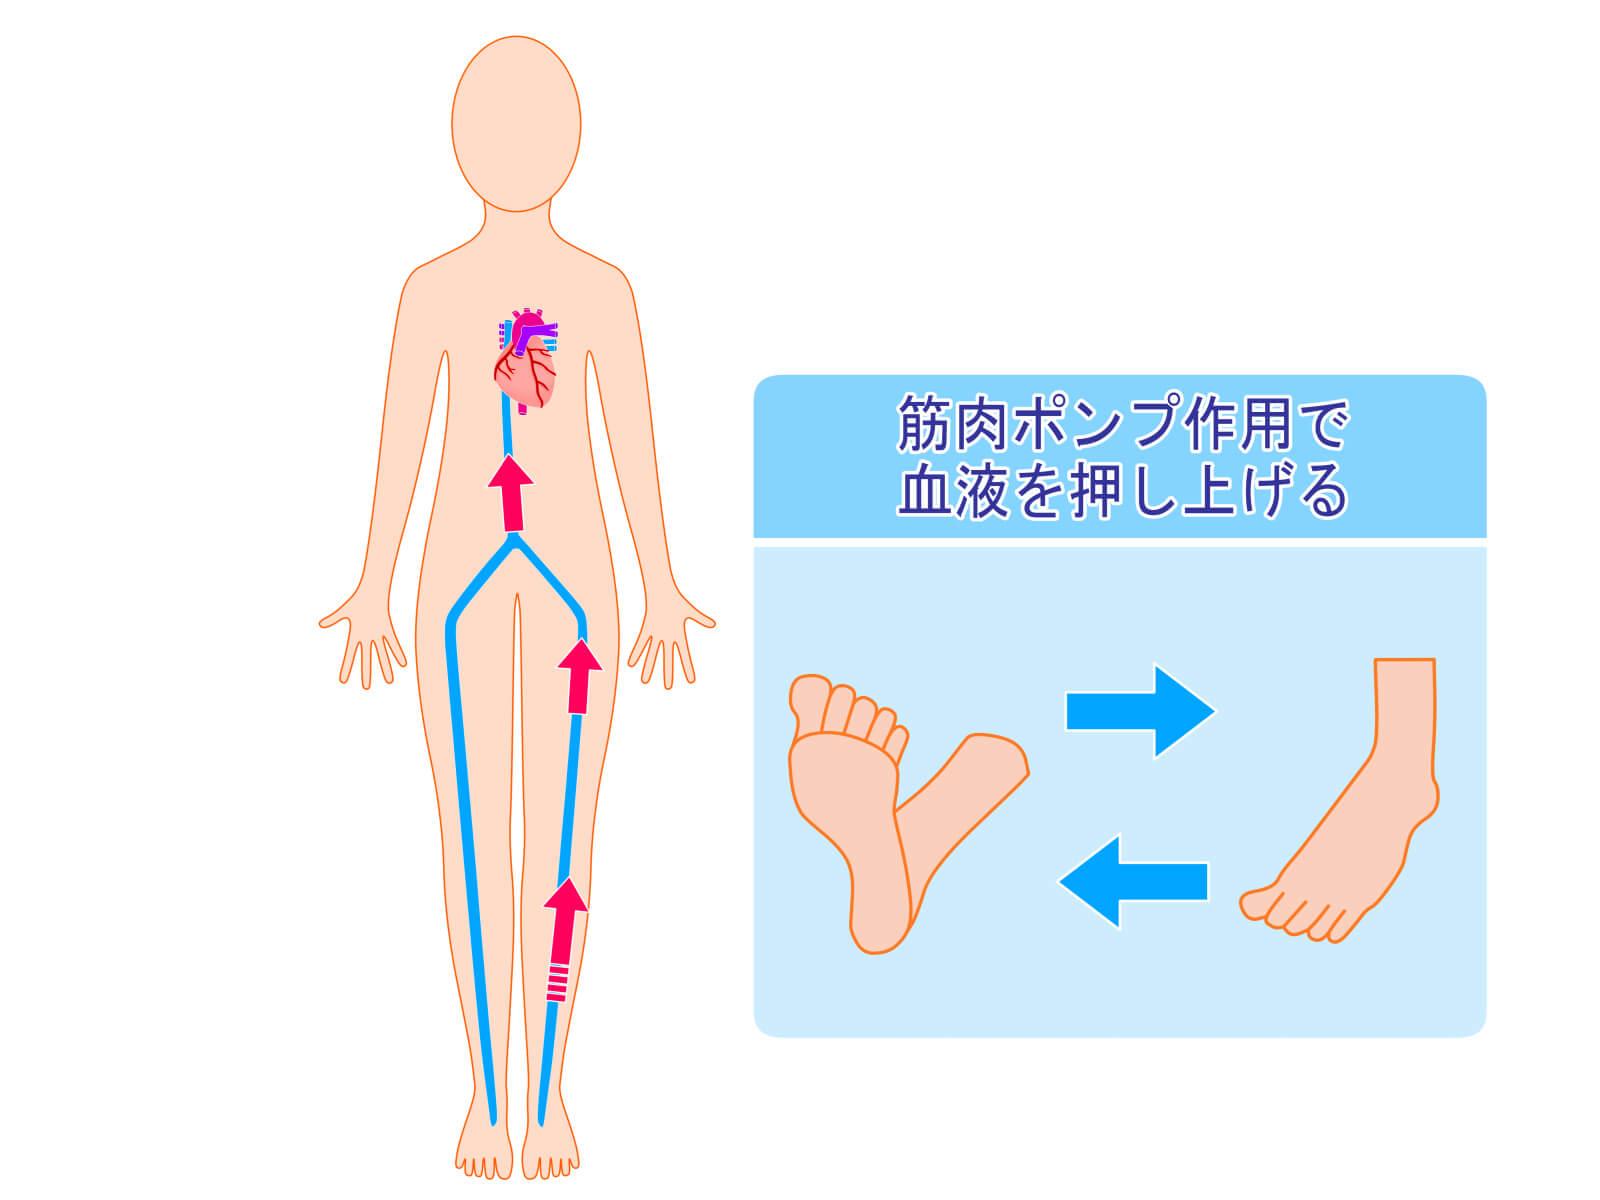 筋ポンプ作用と血液循環